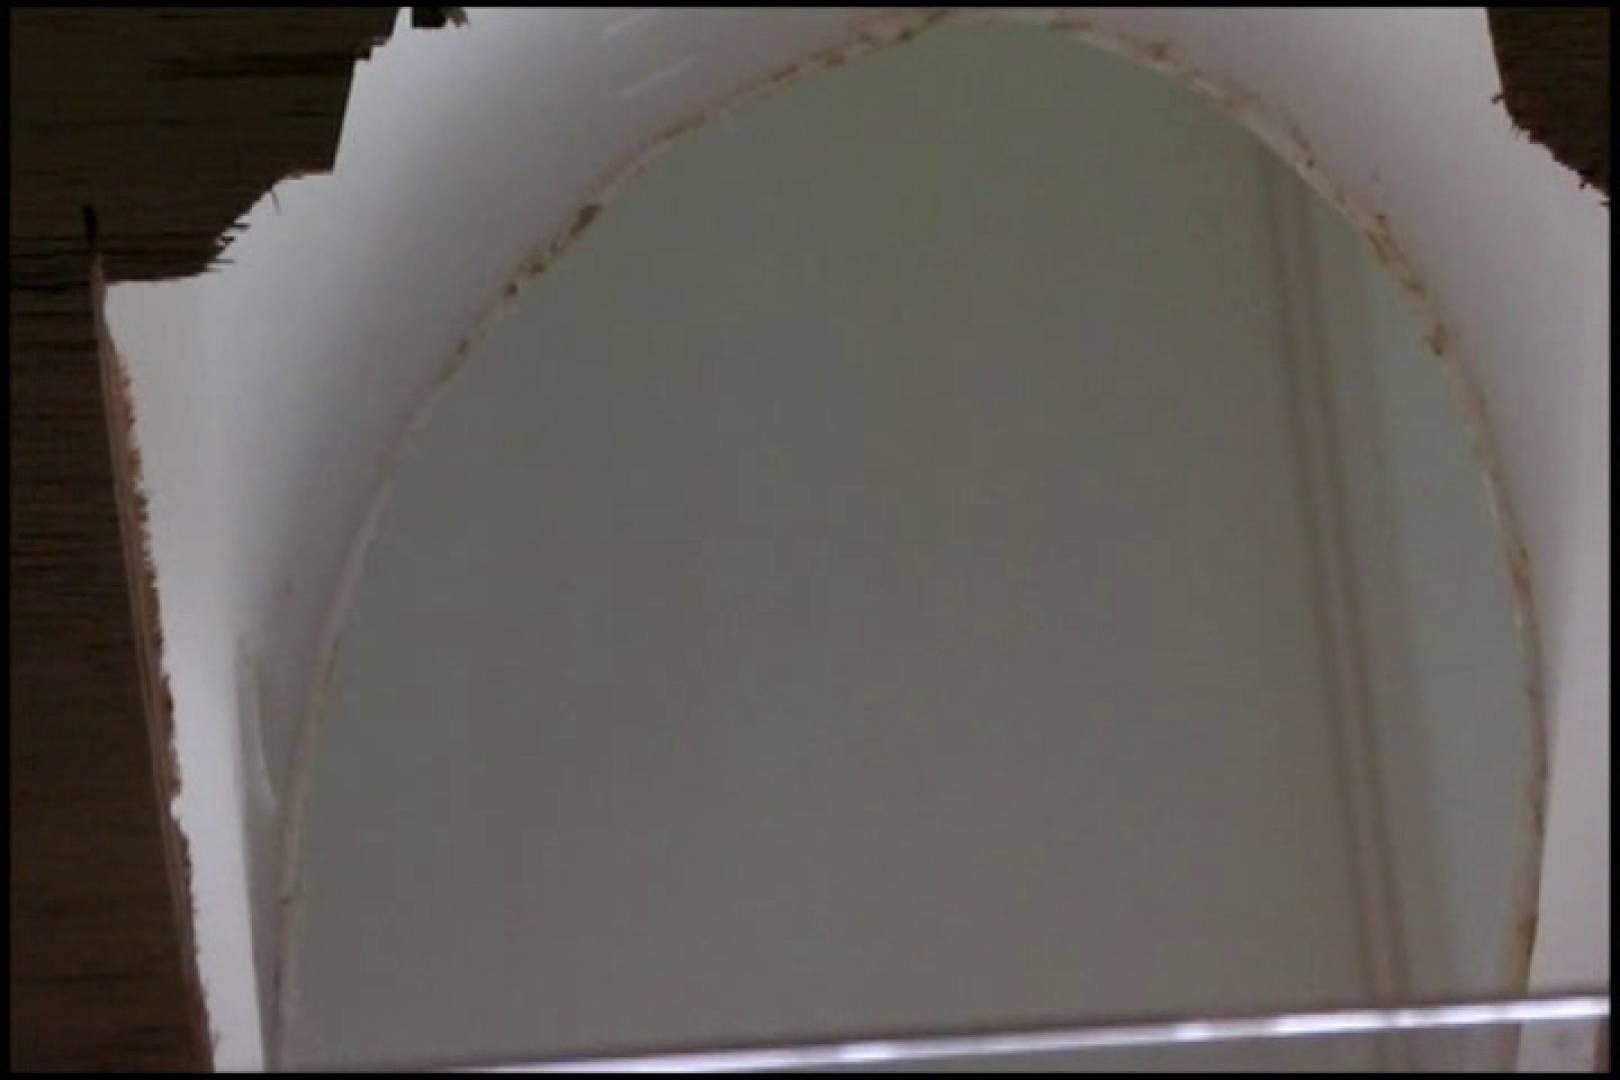 和式にまたがる女たちを待ちうけるカメラの衝撃映像vol.02 接写 盗撮オマンコ無修正動画無料 107連発 99